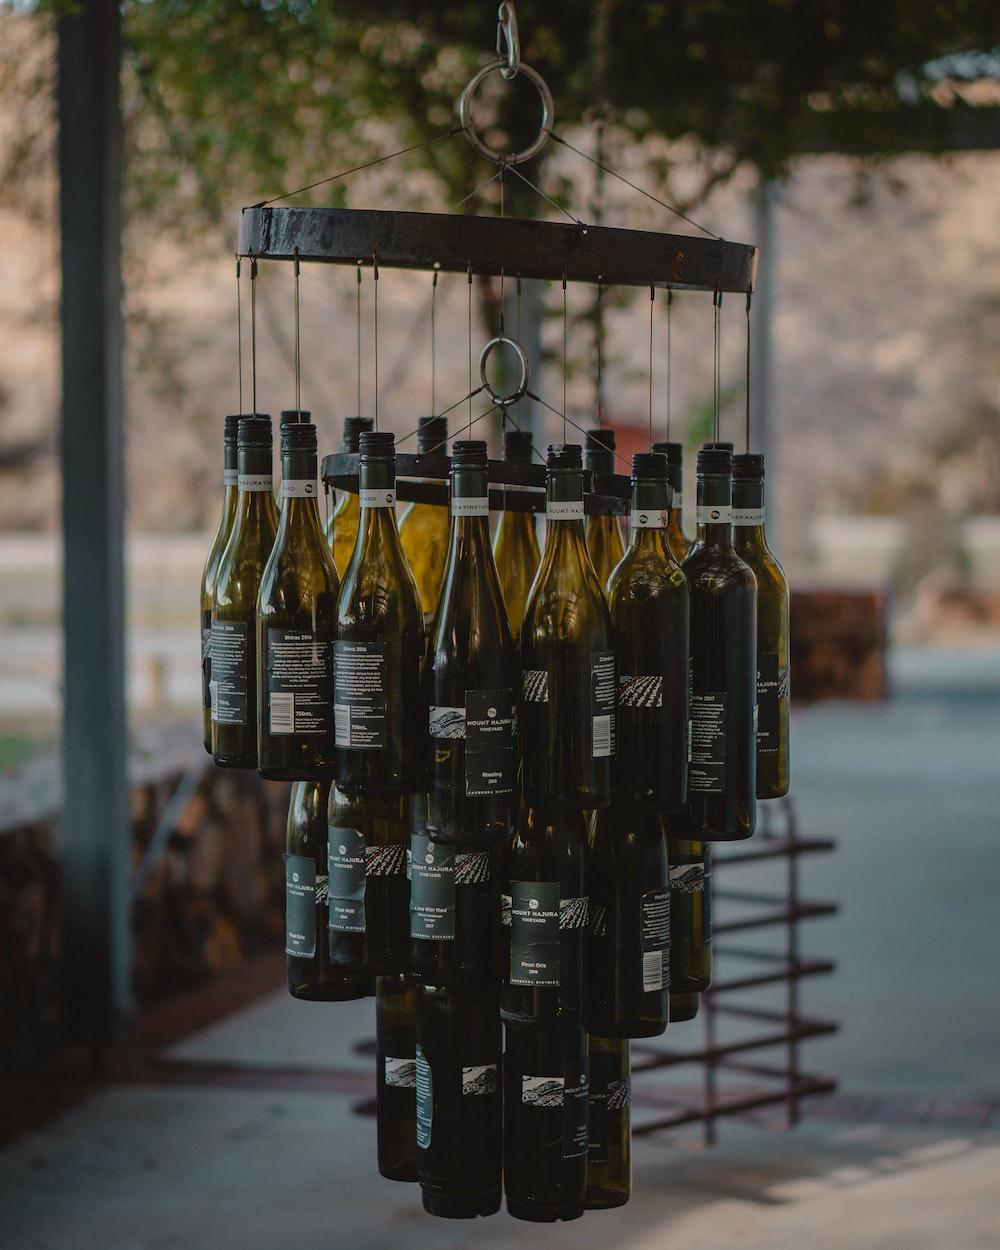 black and gold bottles on black metal rack